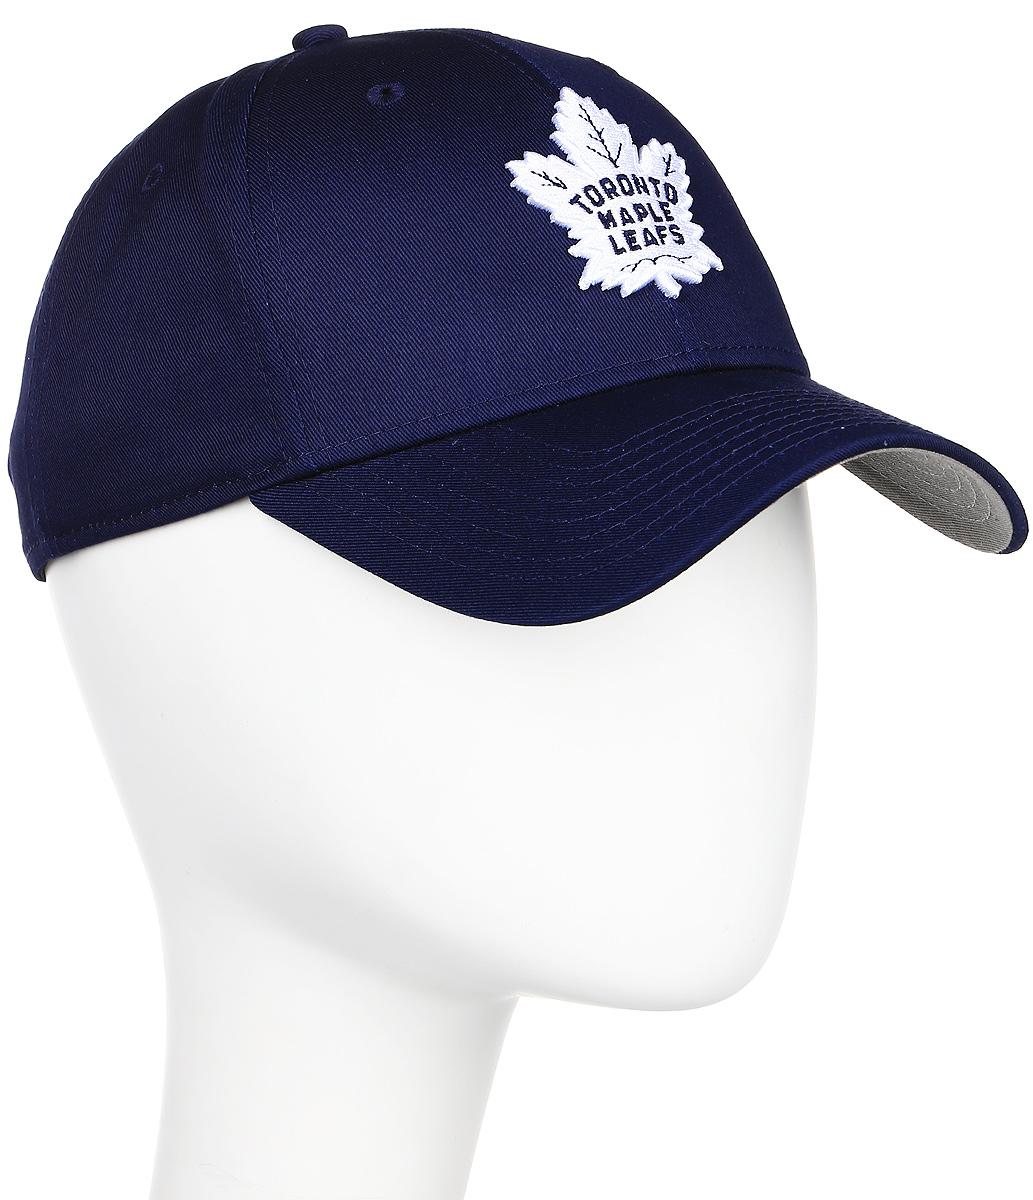 Бейсболка New Era Nhl Toronto Maple Leafs, цвет: синий. 11210274-LNV. Размер универсальный11210274-LNVСтильная бейсболка New Era, выполненная из высококачественного материала, идеально подойдет для прогулок, занятий спортом и отдыха.Изделие оформлено объемным вышитым логотипом хоккейной команды. Nhl Toronto Maple Leafs. Бейсболка надежно защитит вас от солнца и ветра. Эта модель станет отличным аксессуаром и дополнит ваш повседневный образ.